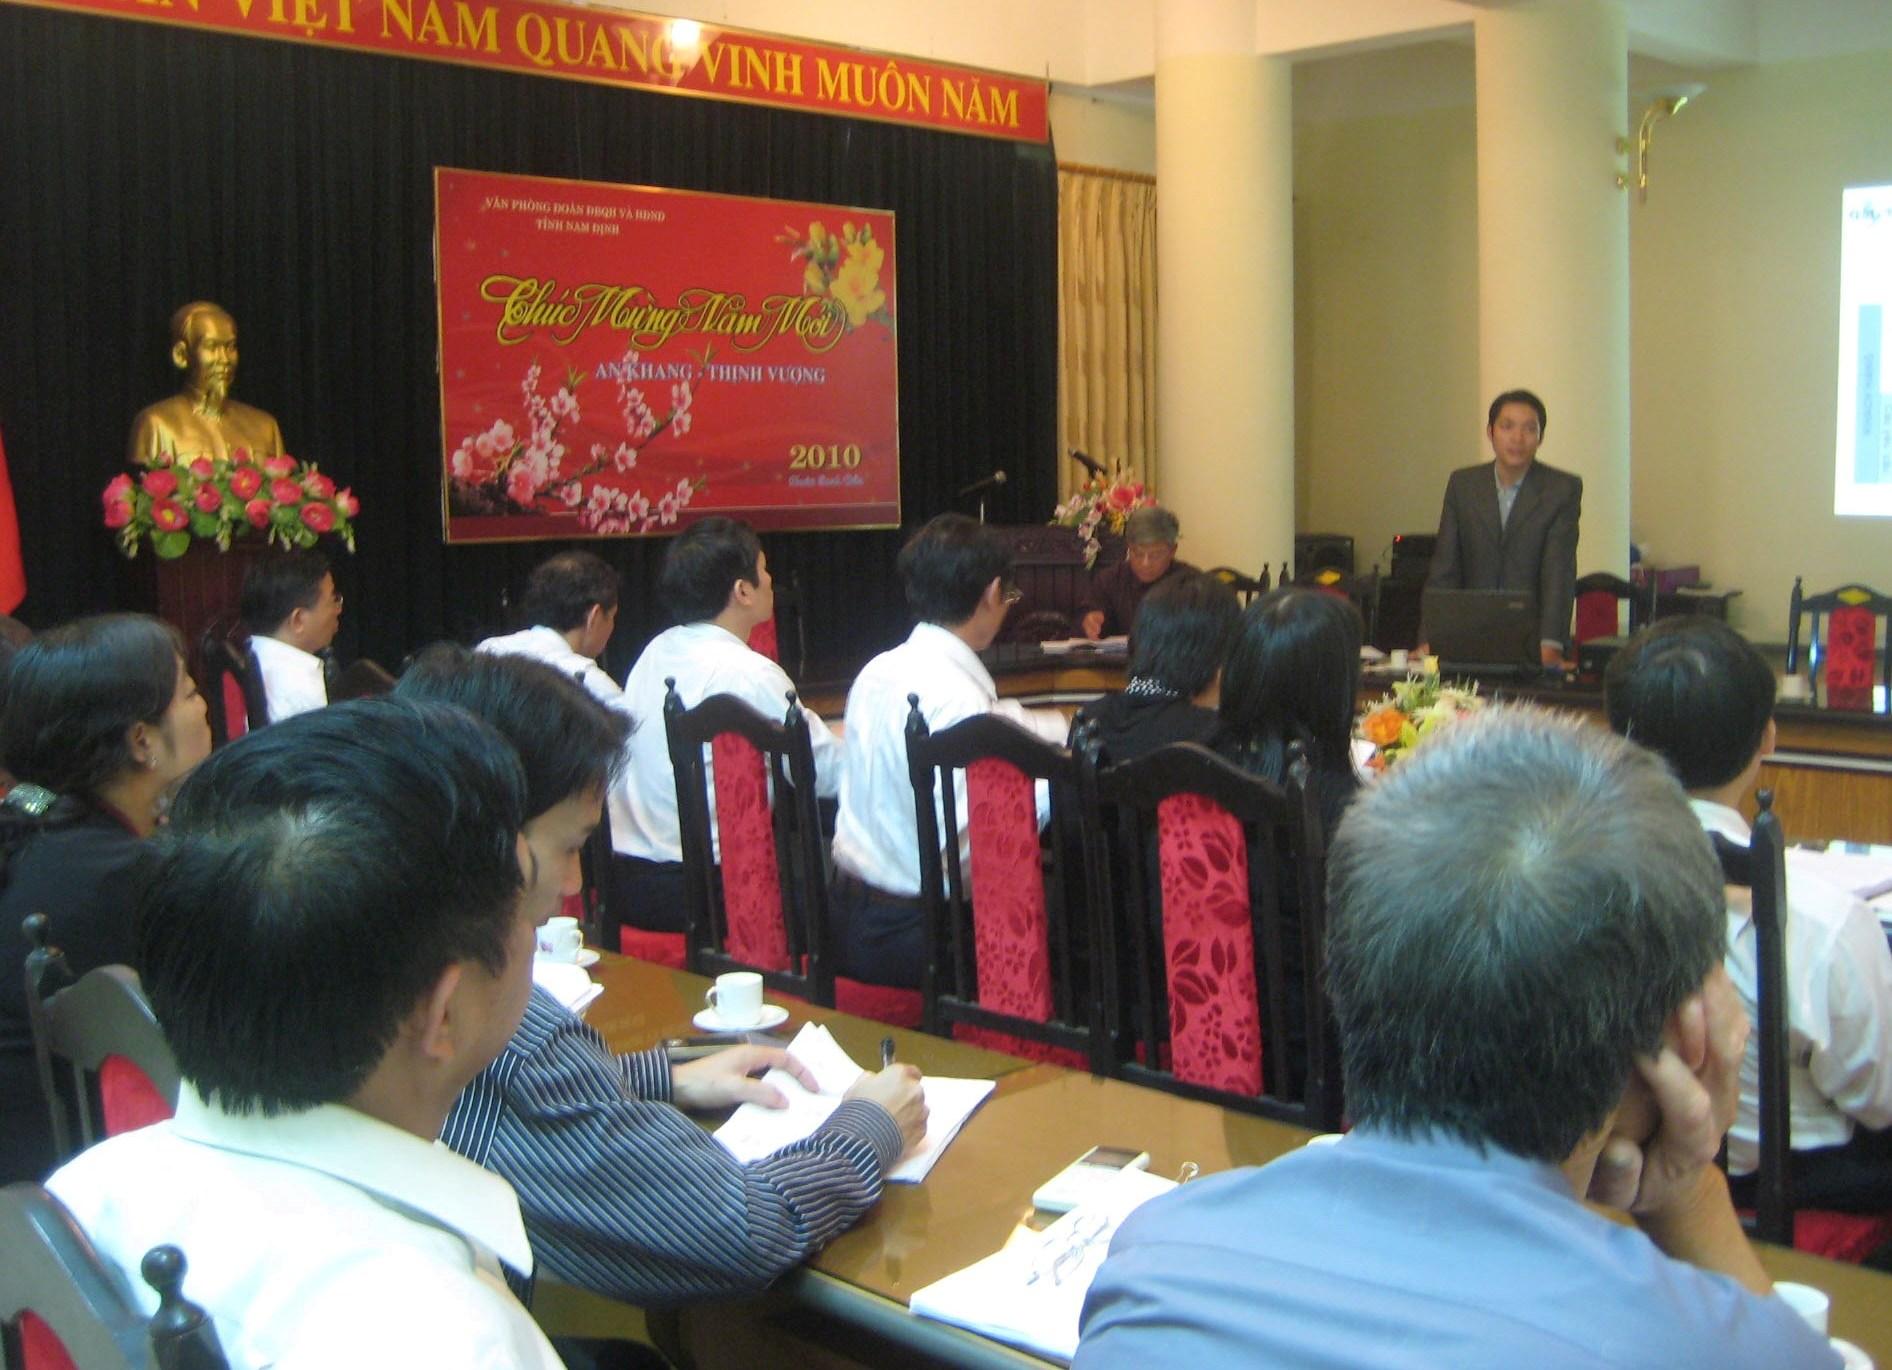 Tập huấn ĐGNB HTQLCL tại Văn phòng đoàn ĐBQH & HĐND tỉnh Nam Định